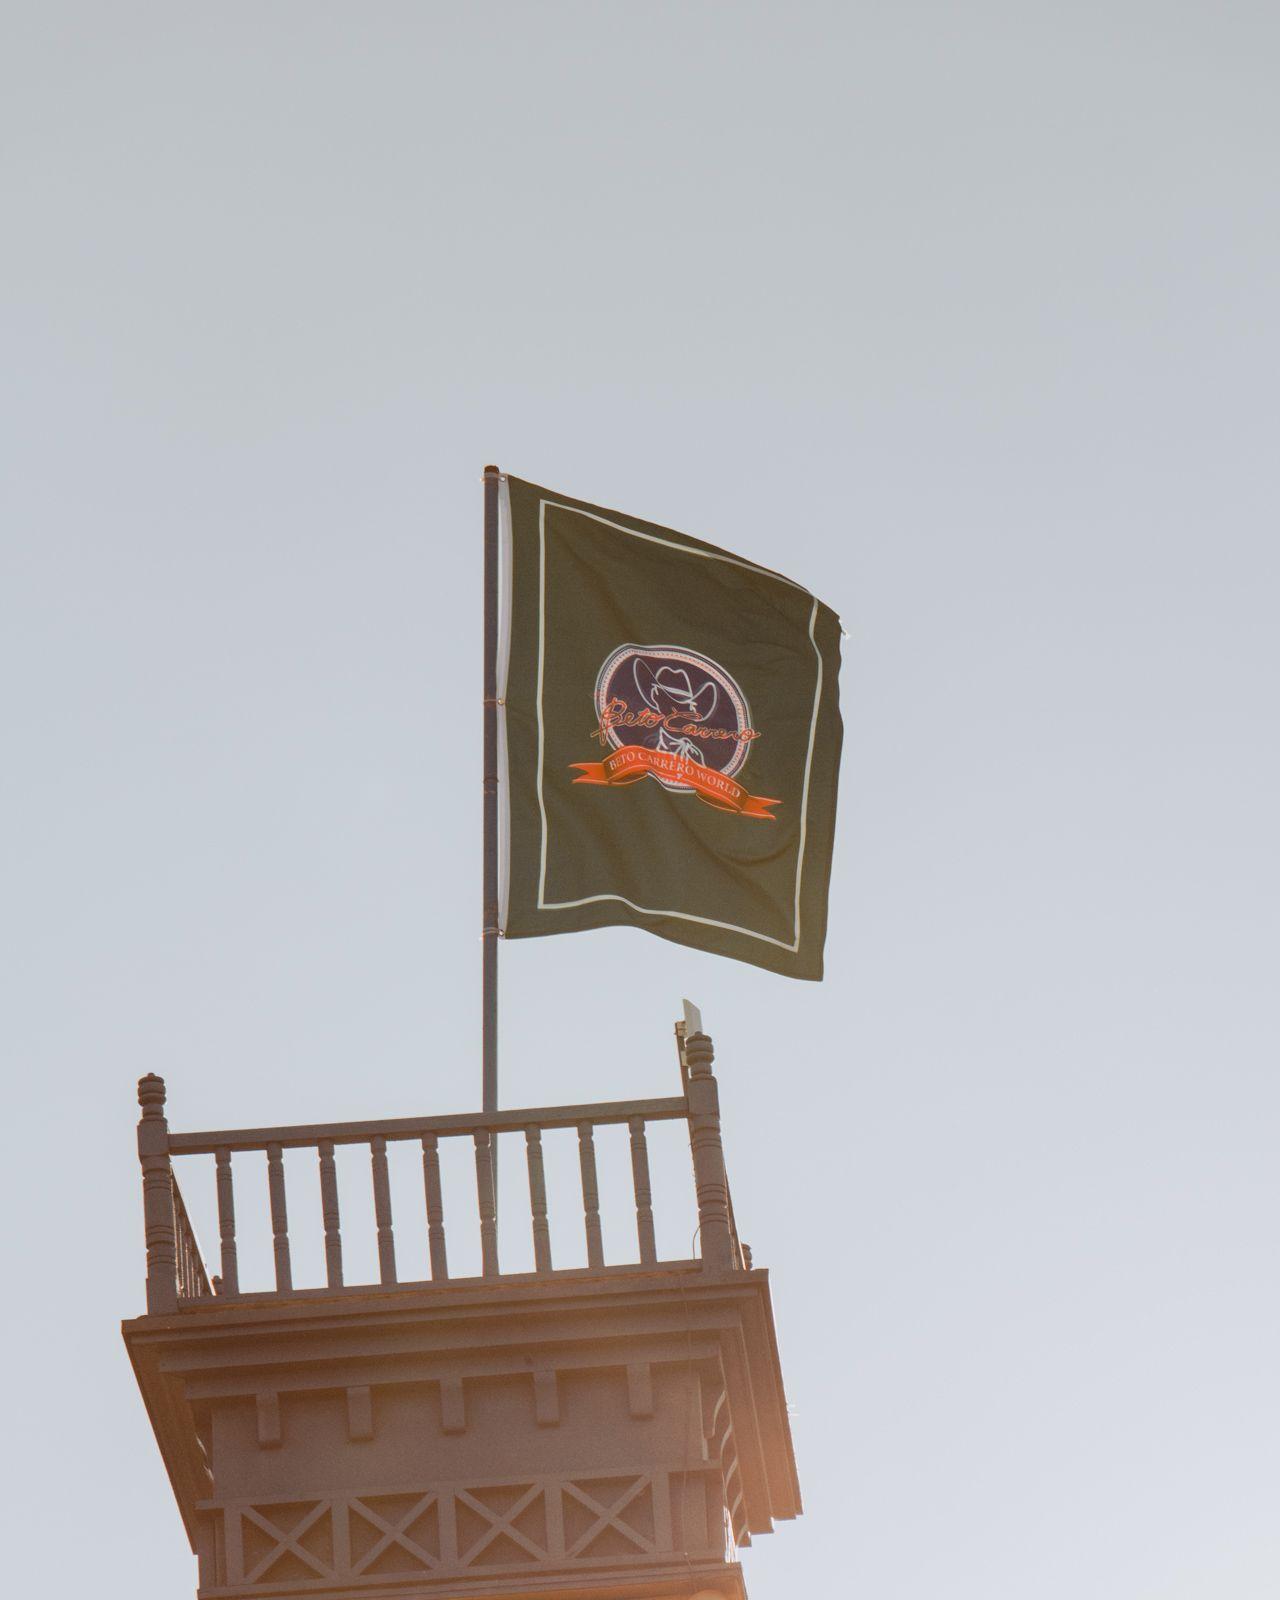 bandeira beto carrero world